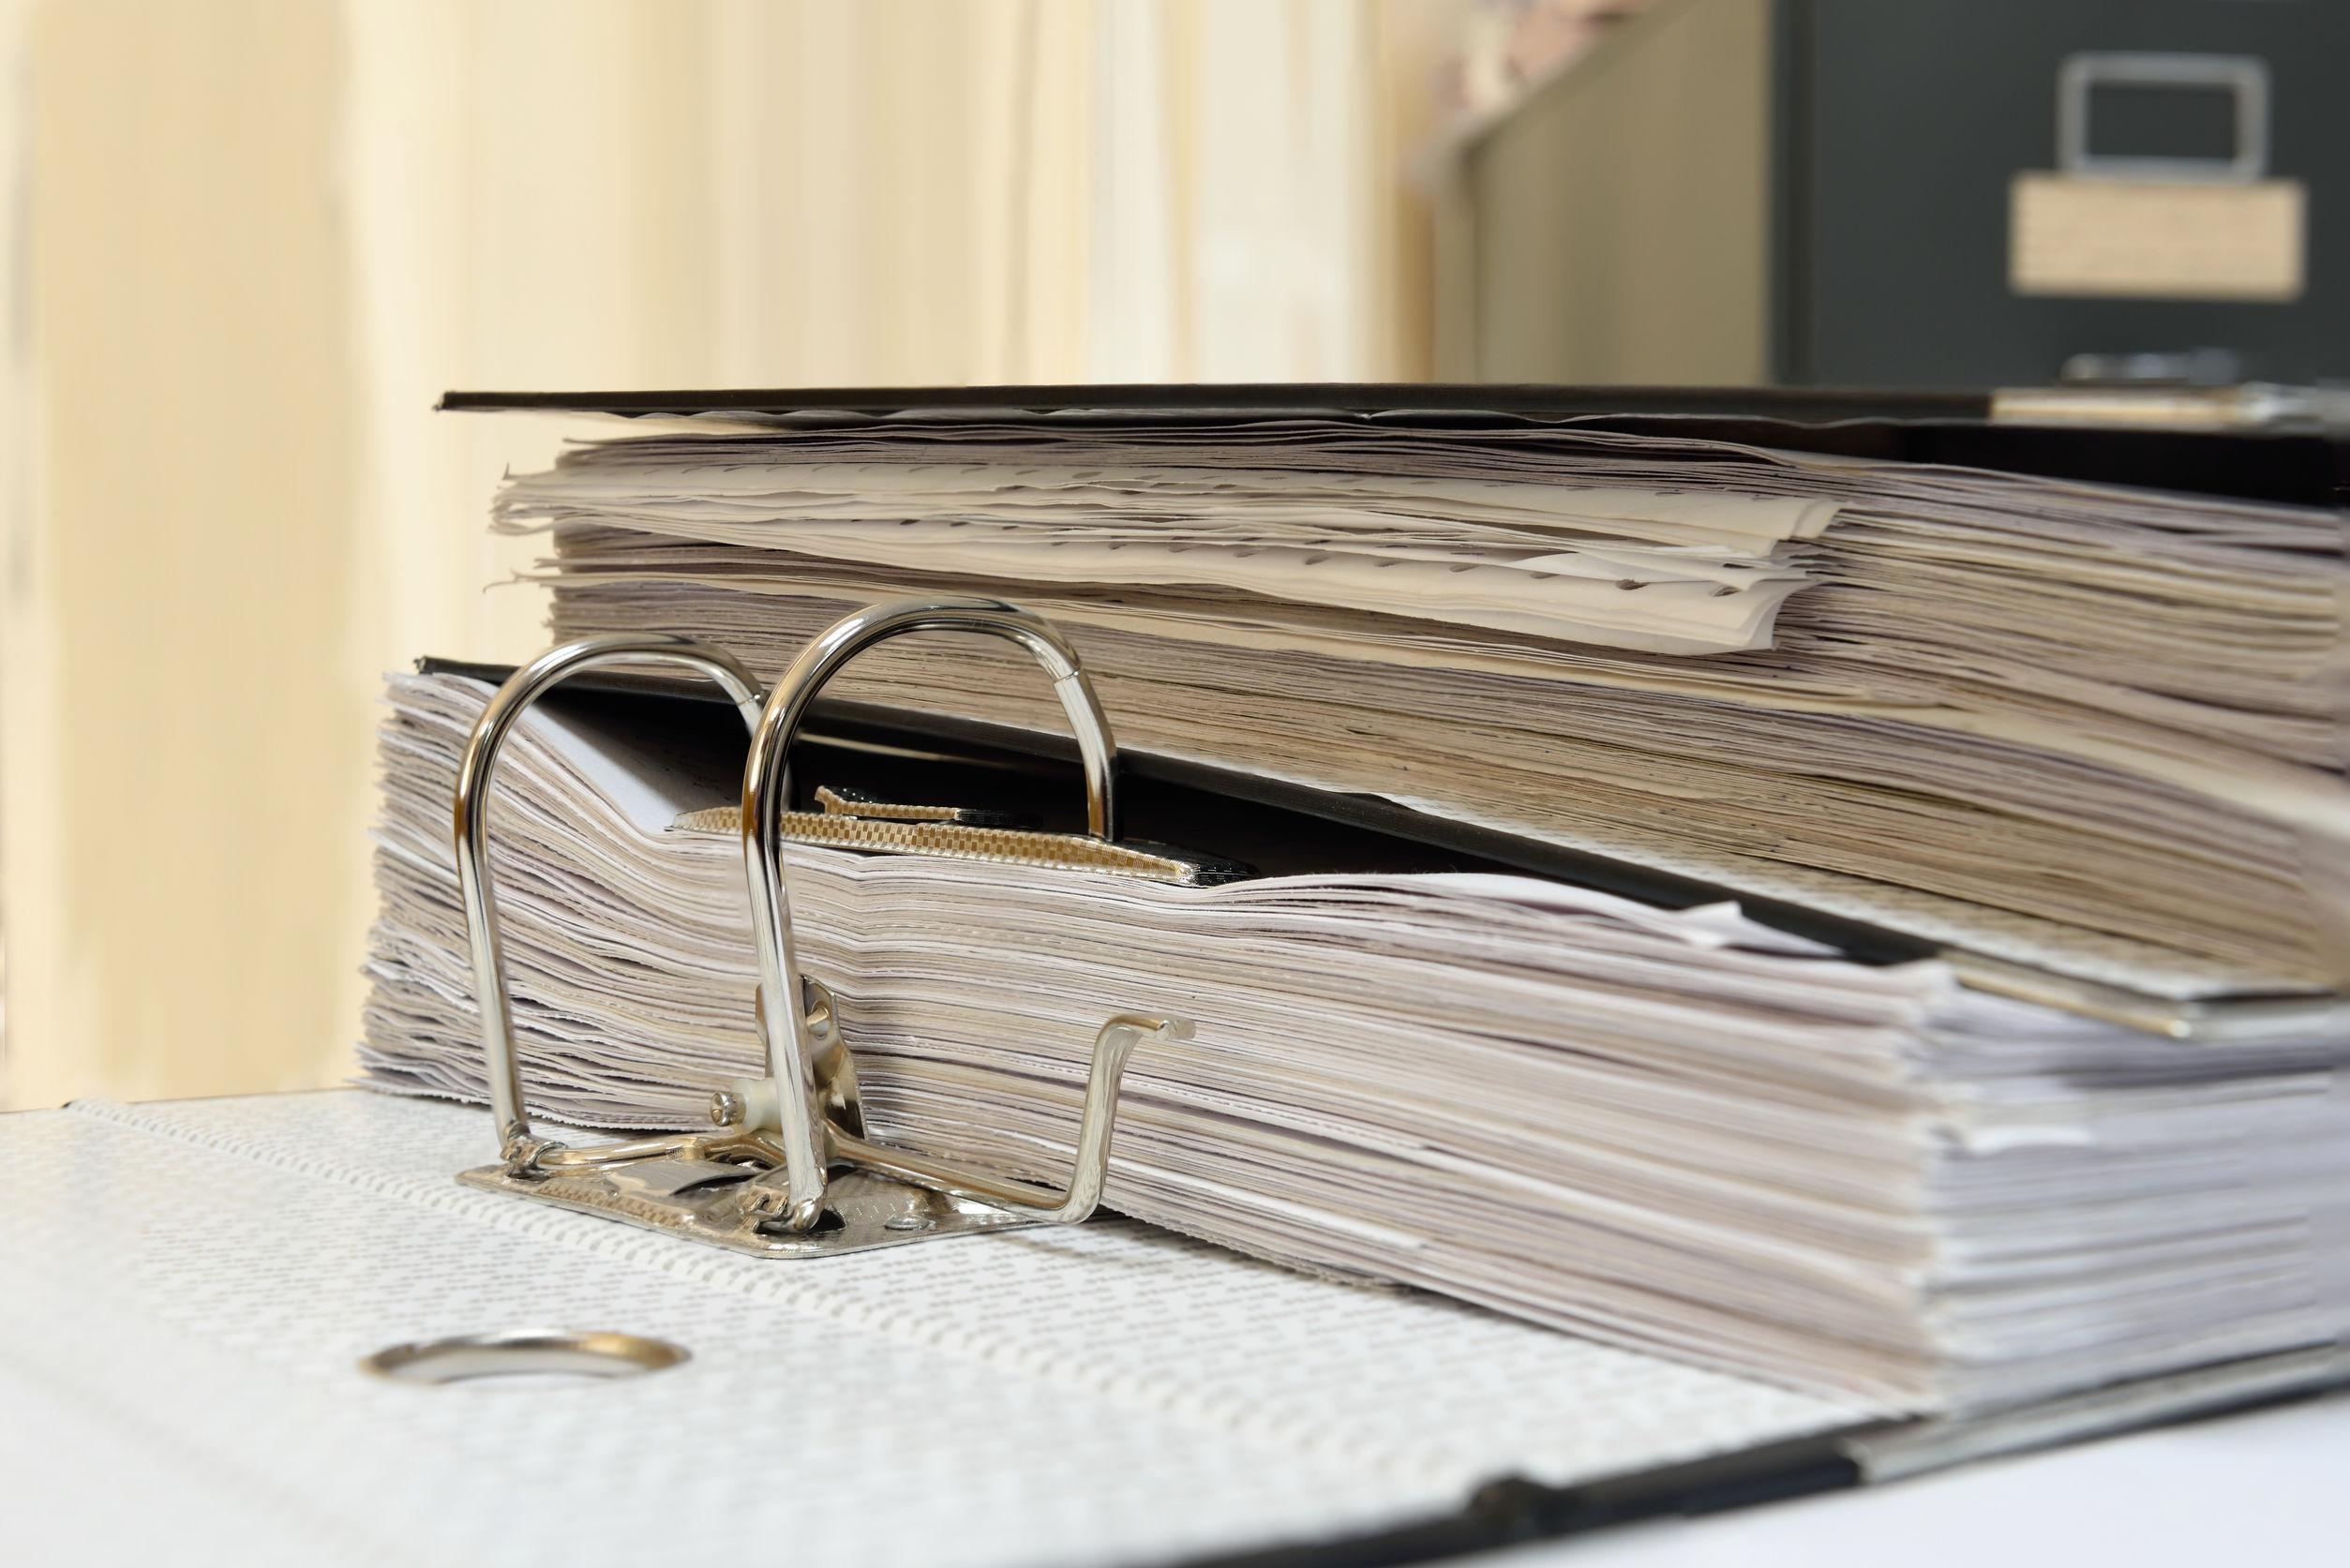 documentos que podem ser digitalizados em um scanner portátil